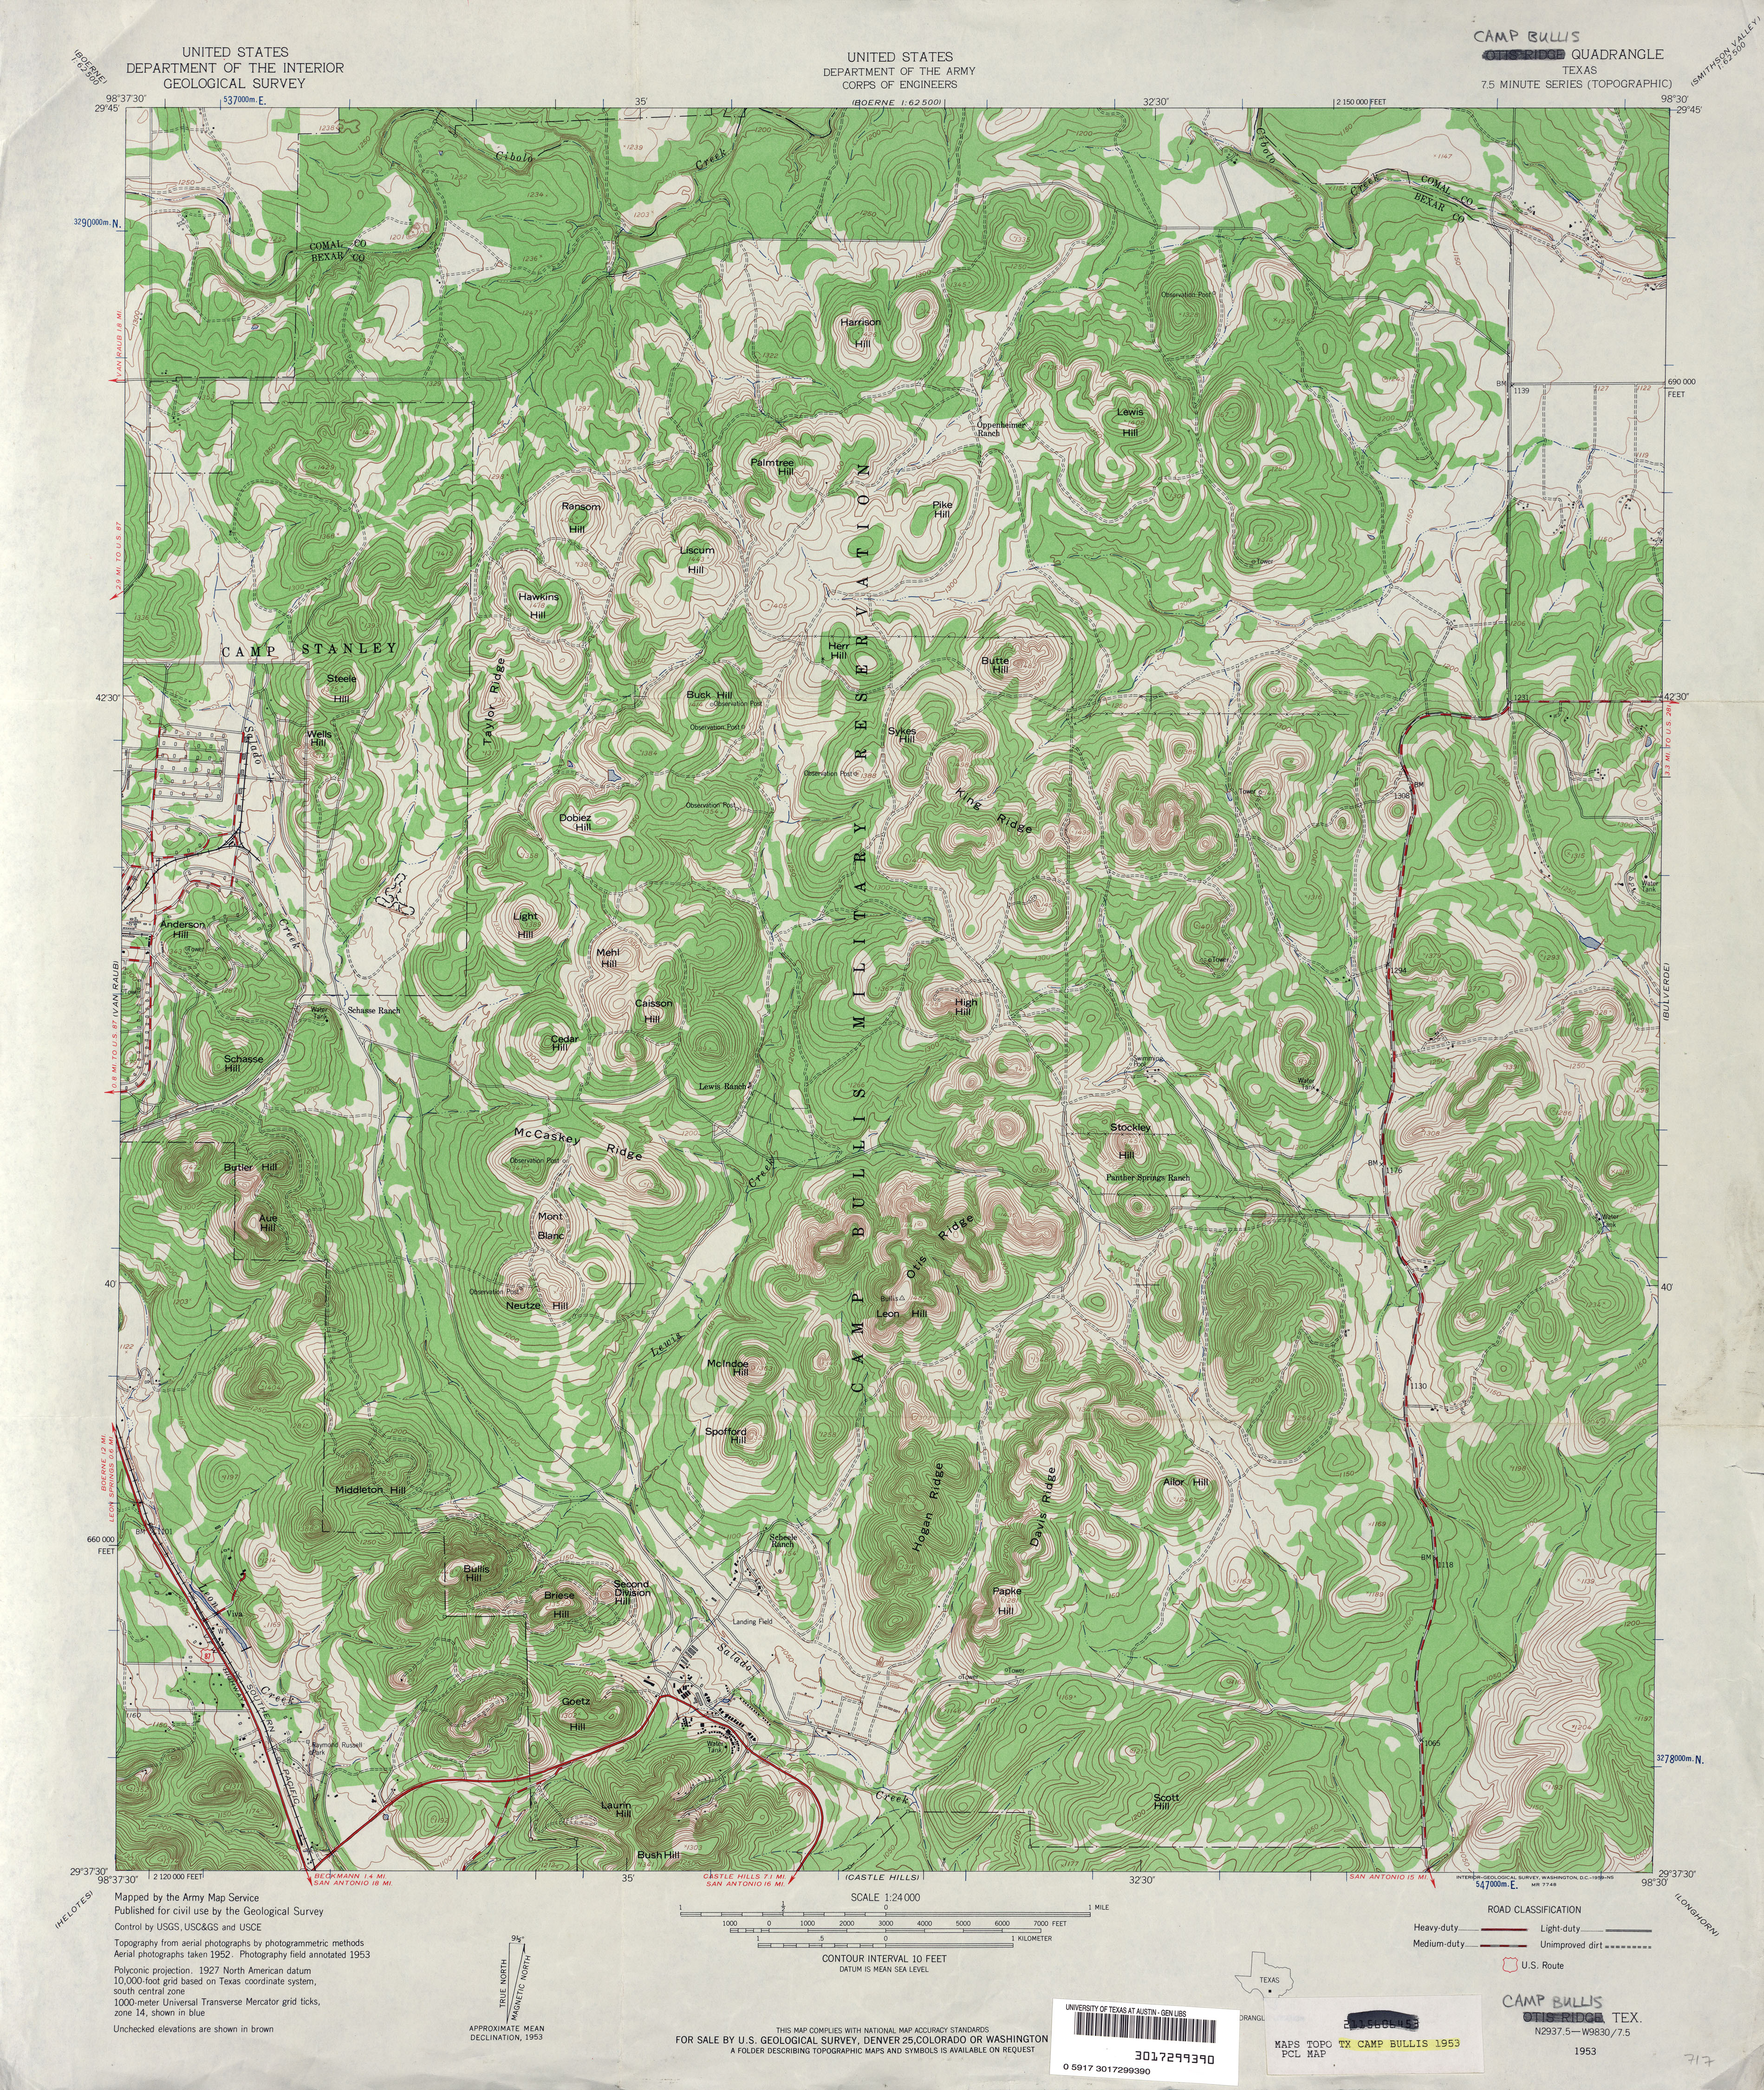 Lake Atkins Ar Topo Map Wwwmiifotoscom